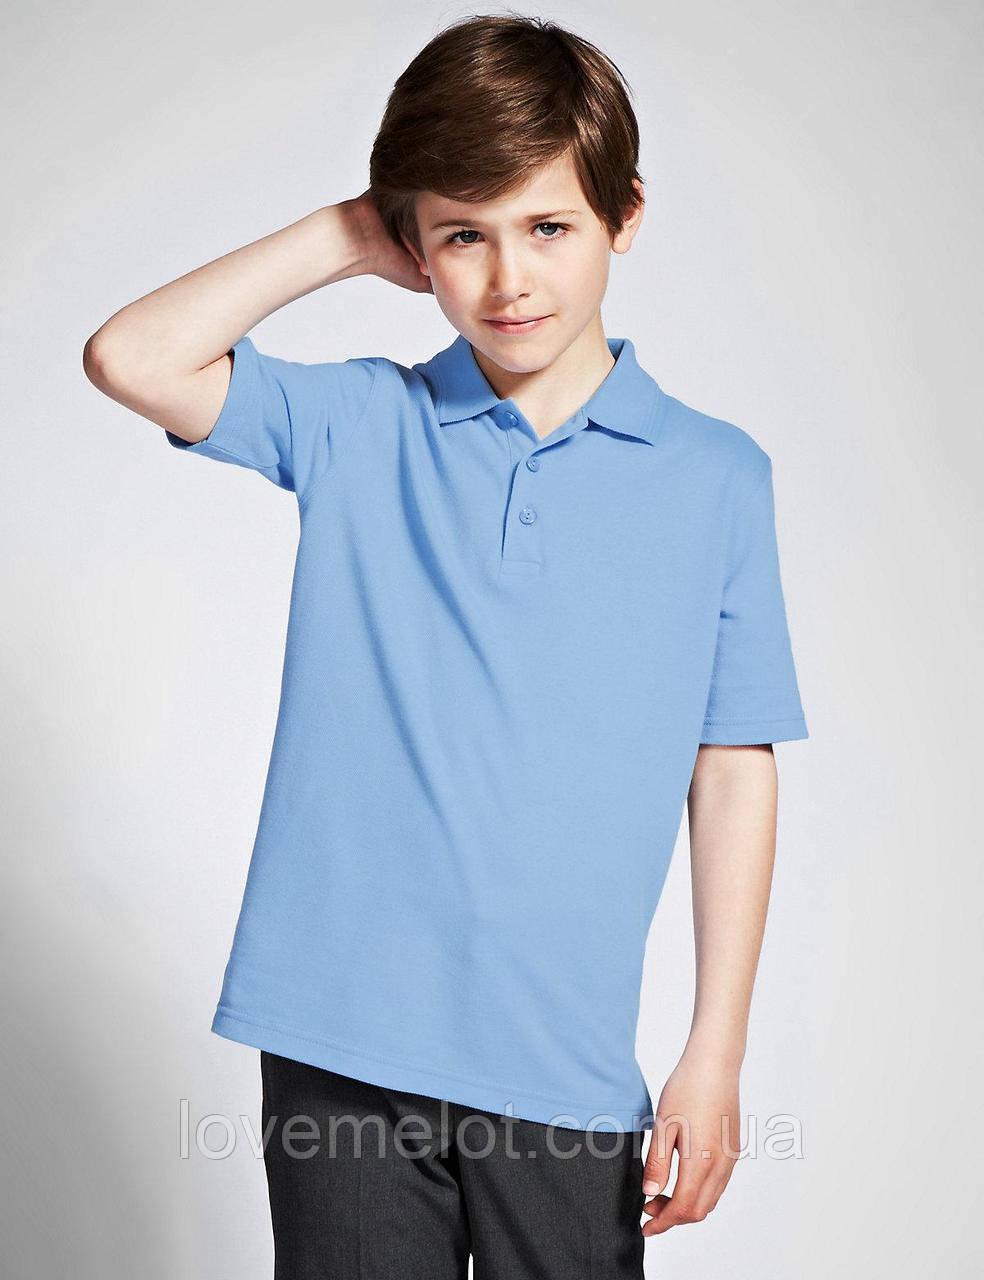 """Детская футболка Тенниска - поло для мальчика Marks&Spencer голубая """"Шарль"""" рост 104, 110см"""